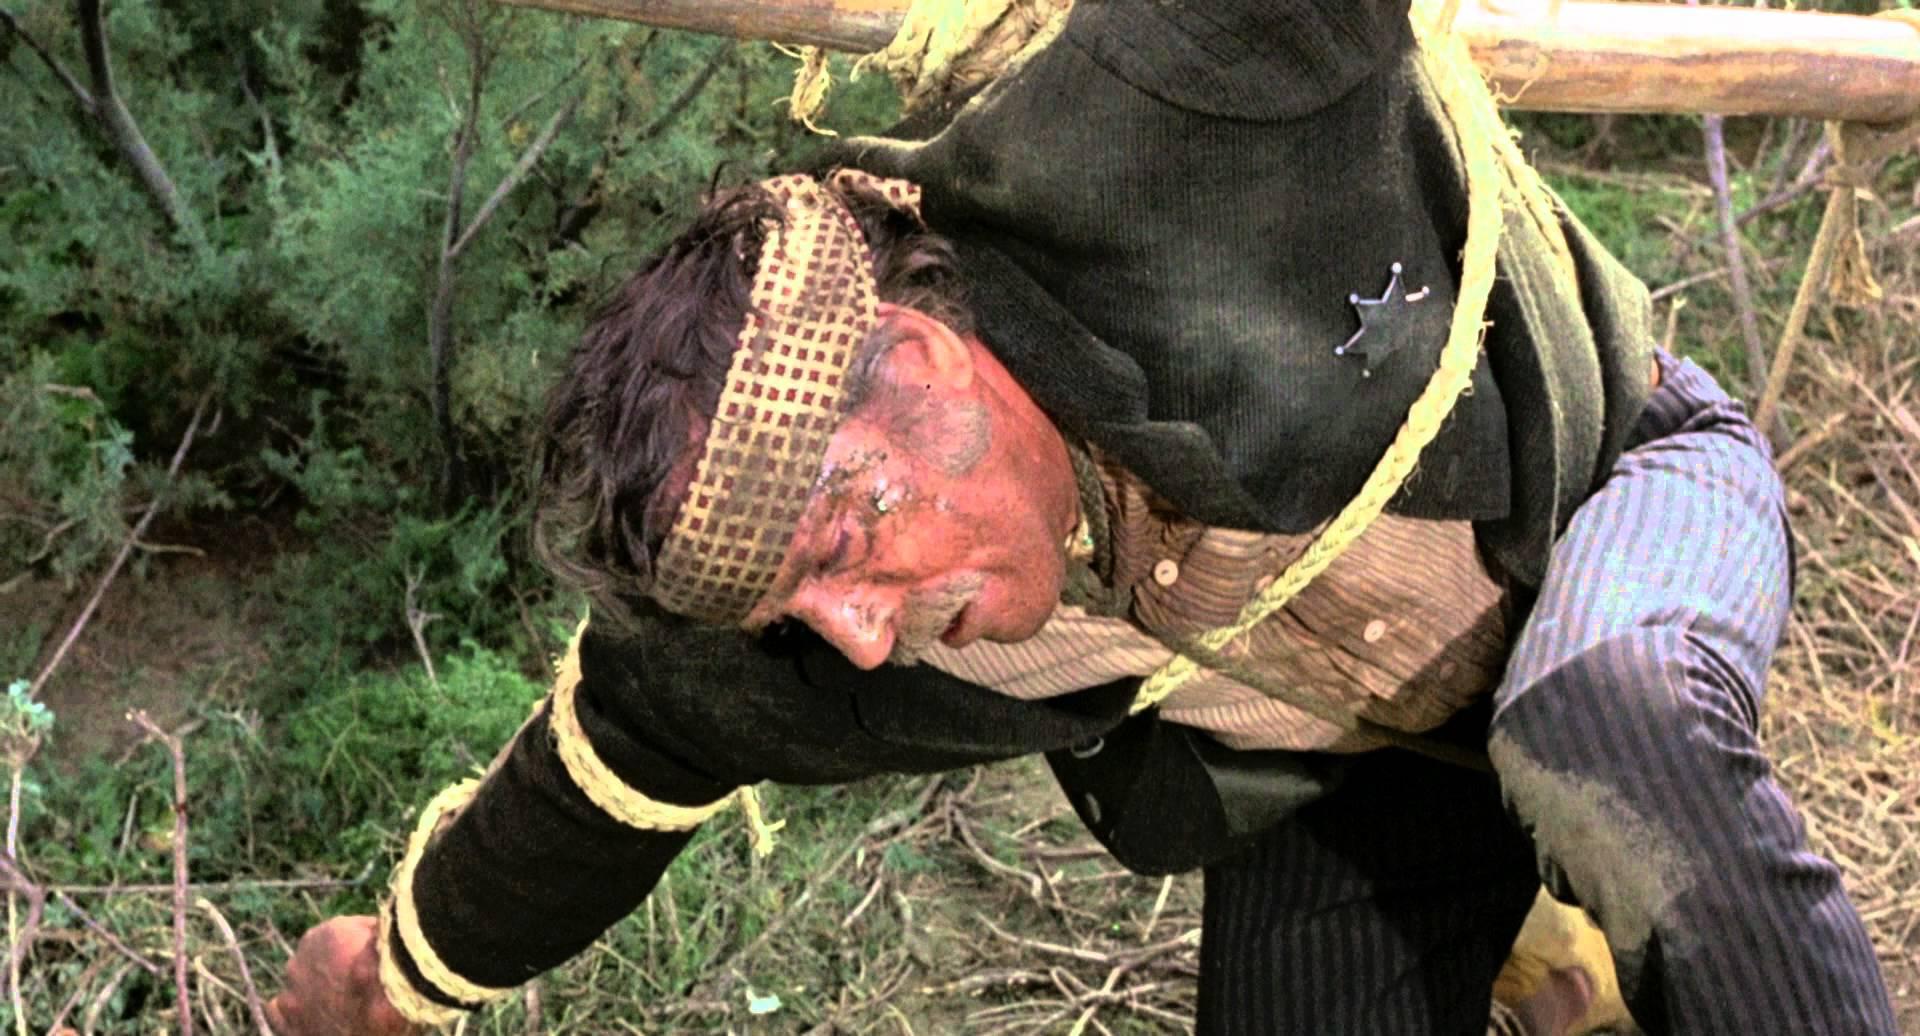 Burt Lancaster cruficié dans Valdez